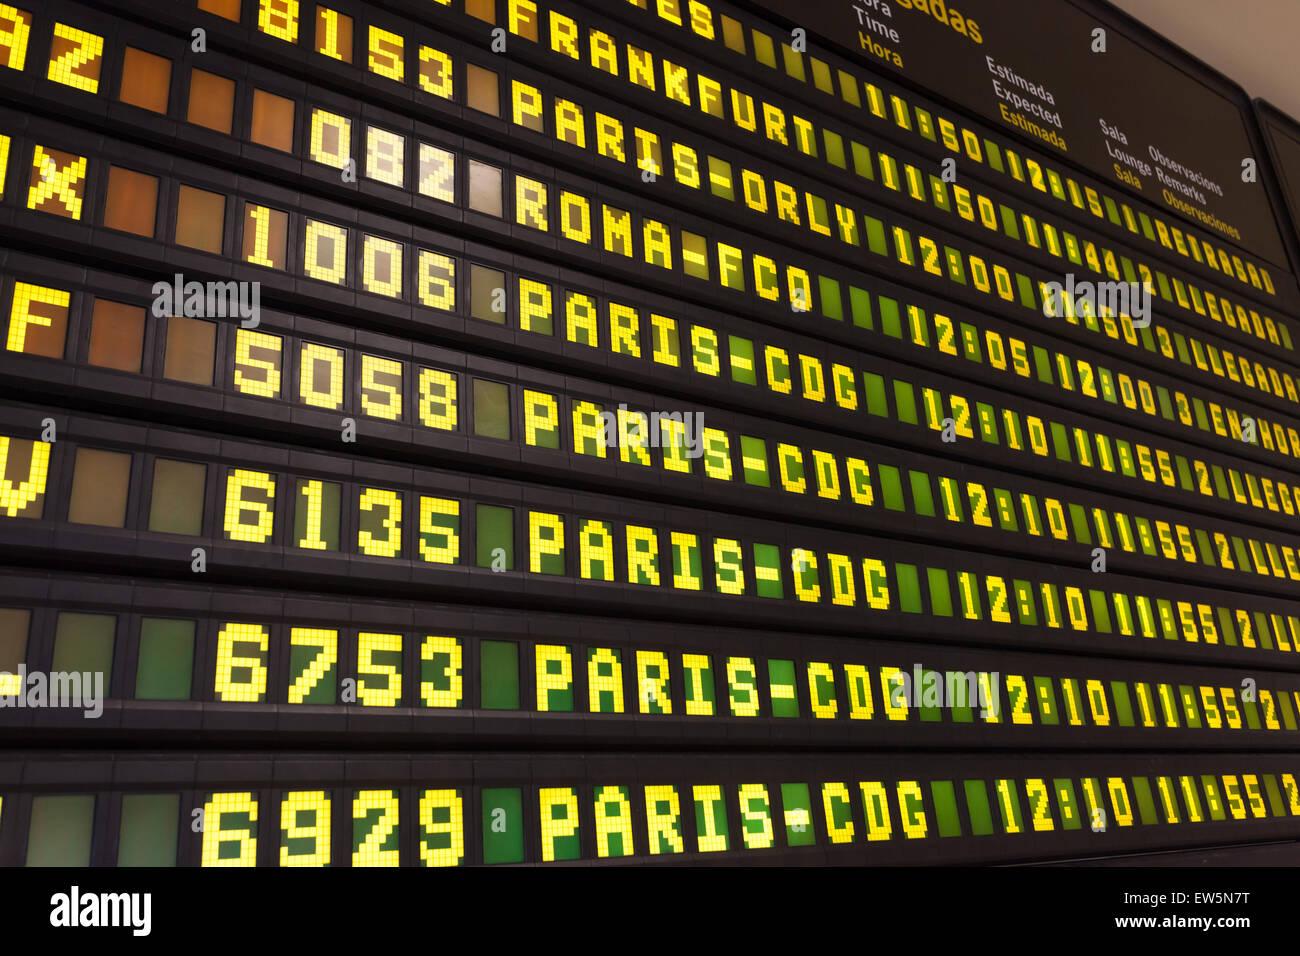 Abfahrtstafel Ankunft in einem europäischen Flughafen Stockbild